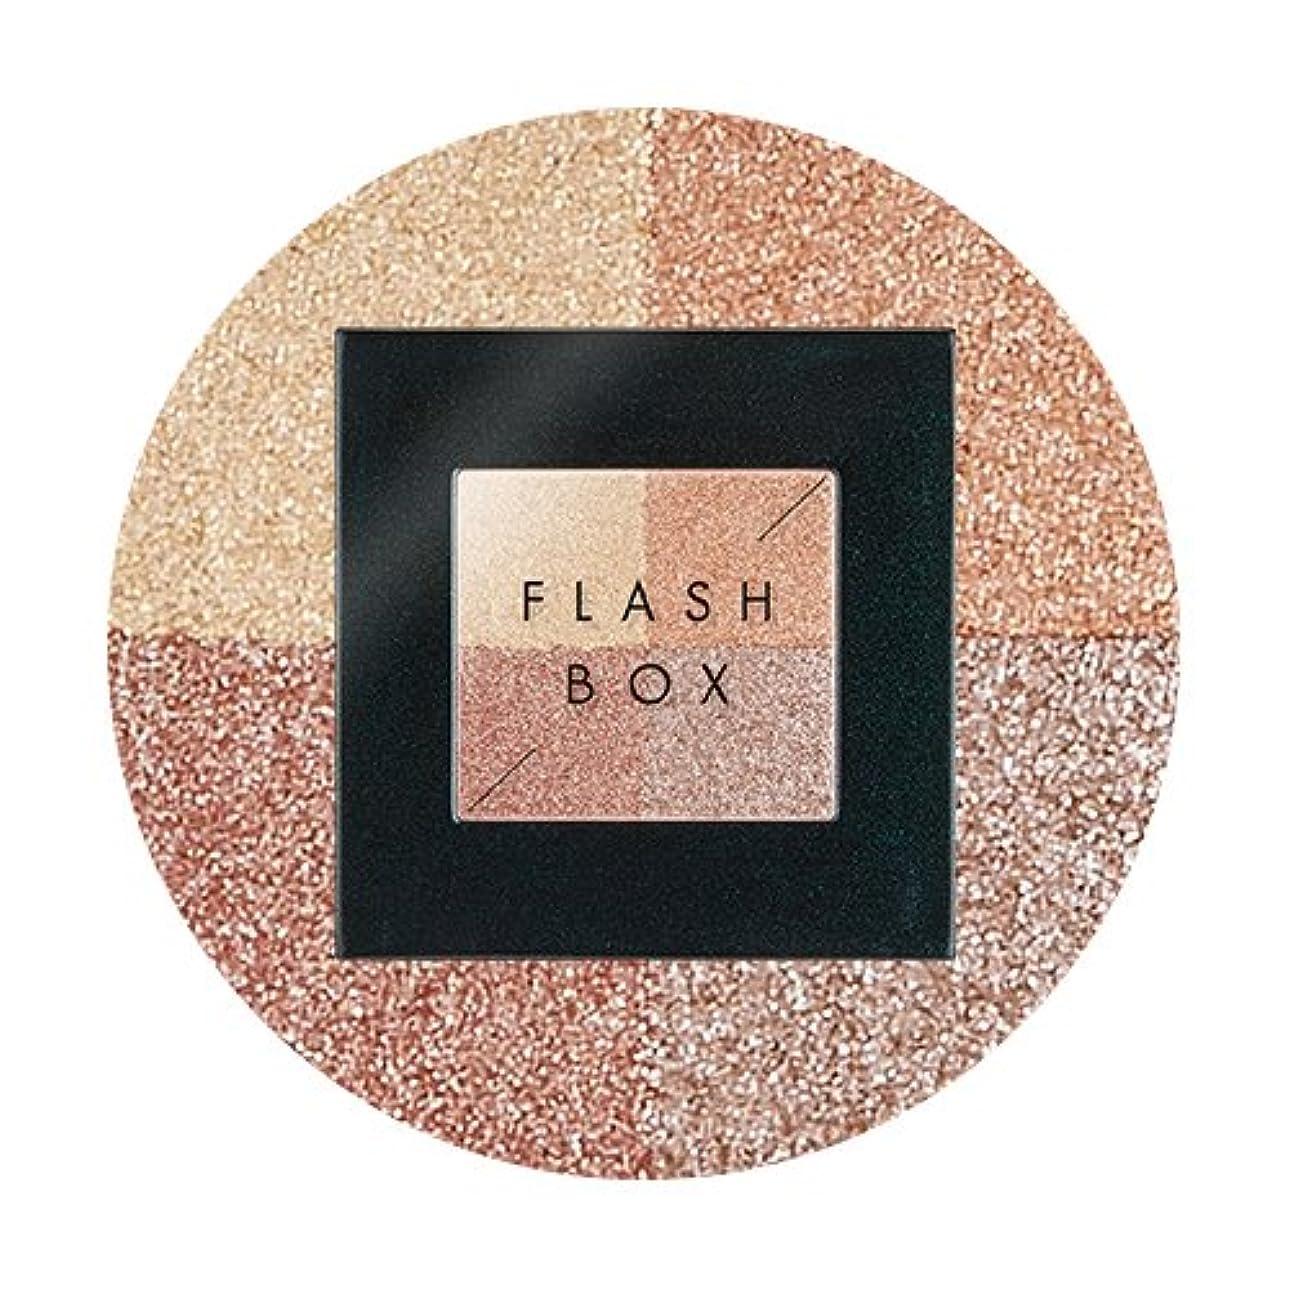 家取るヘクタールAPIEU Flash Box (#2 Lustering Time) / [アピュ/オピュ] フラッシュボックス [並行輸入品]